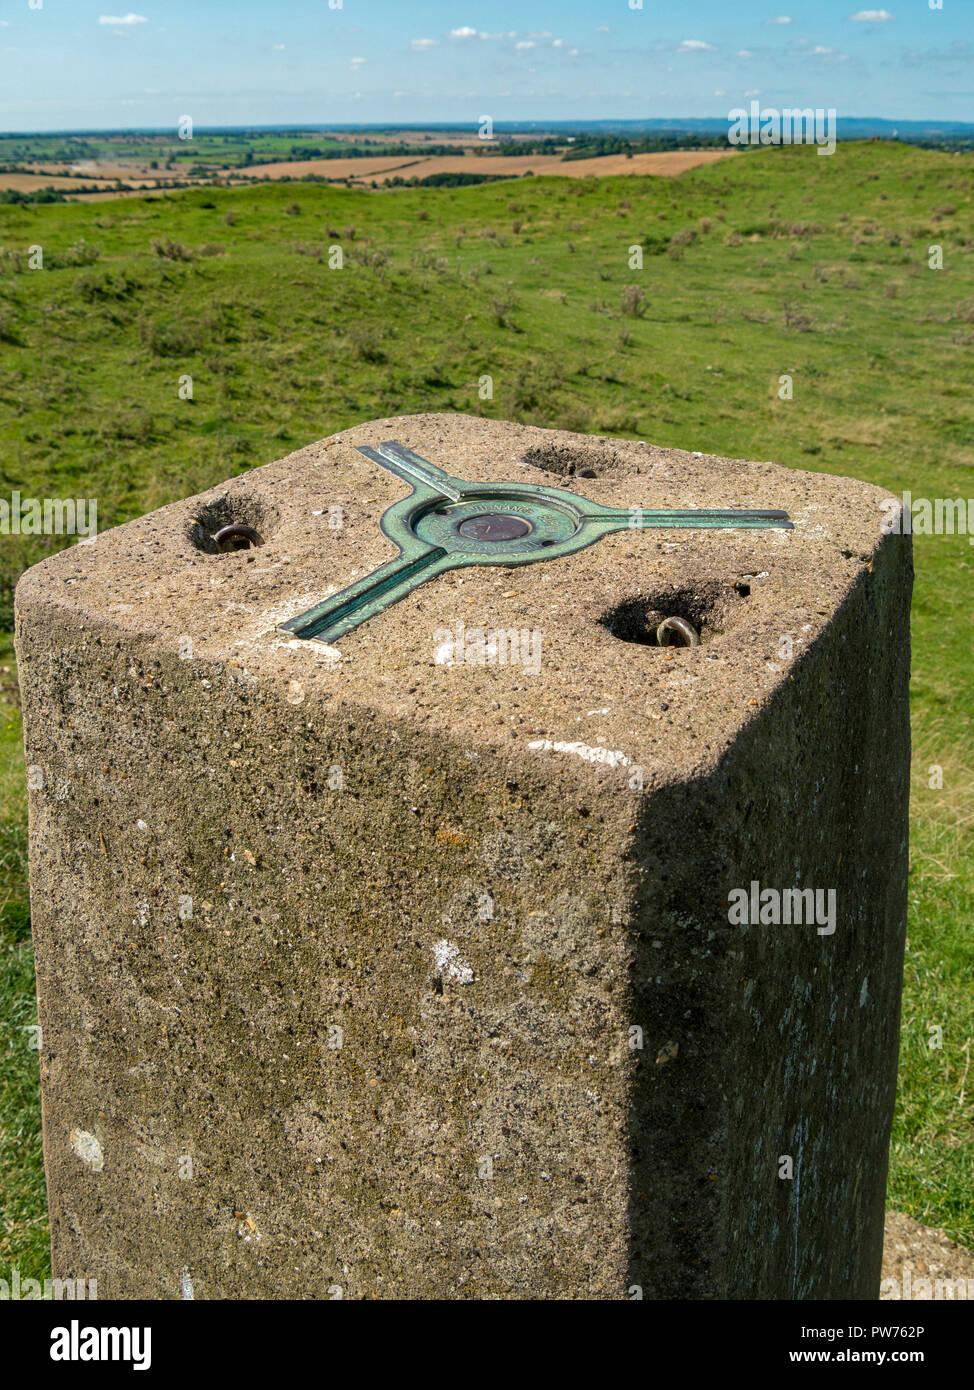 Montaje cinemático de tres puntos (araña) para un estudio de teodolita en la parte superior de la estación de triangulación de Ordnance Survey, Leicestershire, Inglaterra, Foto de stock